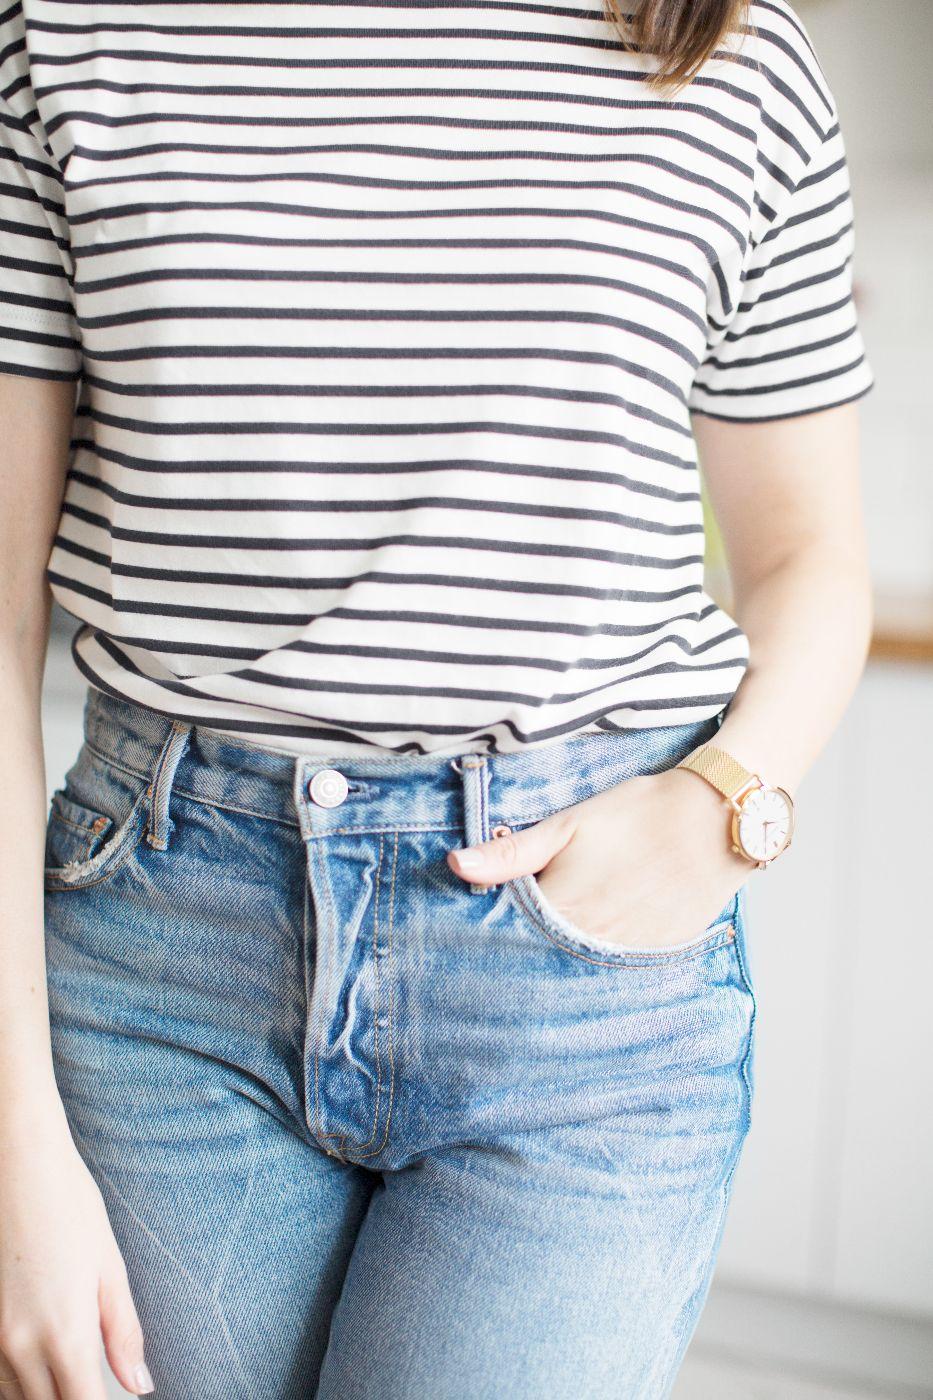 theannaedit-breton-stripes-grlfrind-jeans-outfit-fashion-april-2017-4